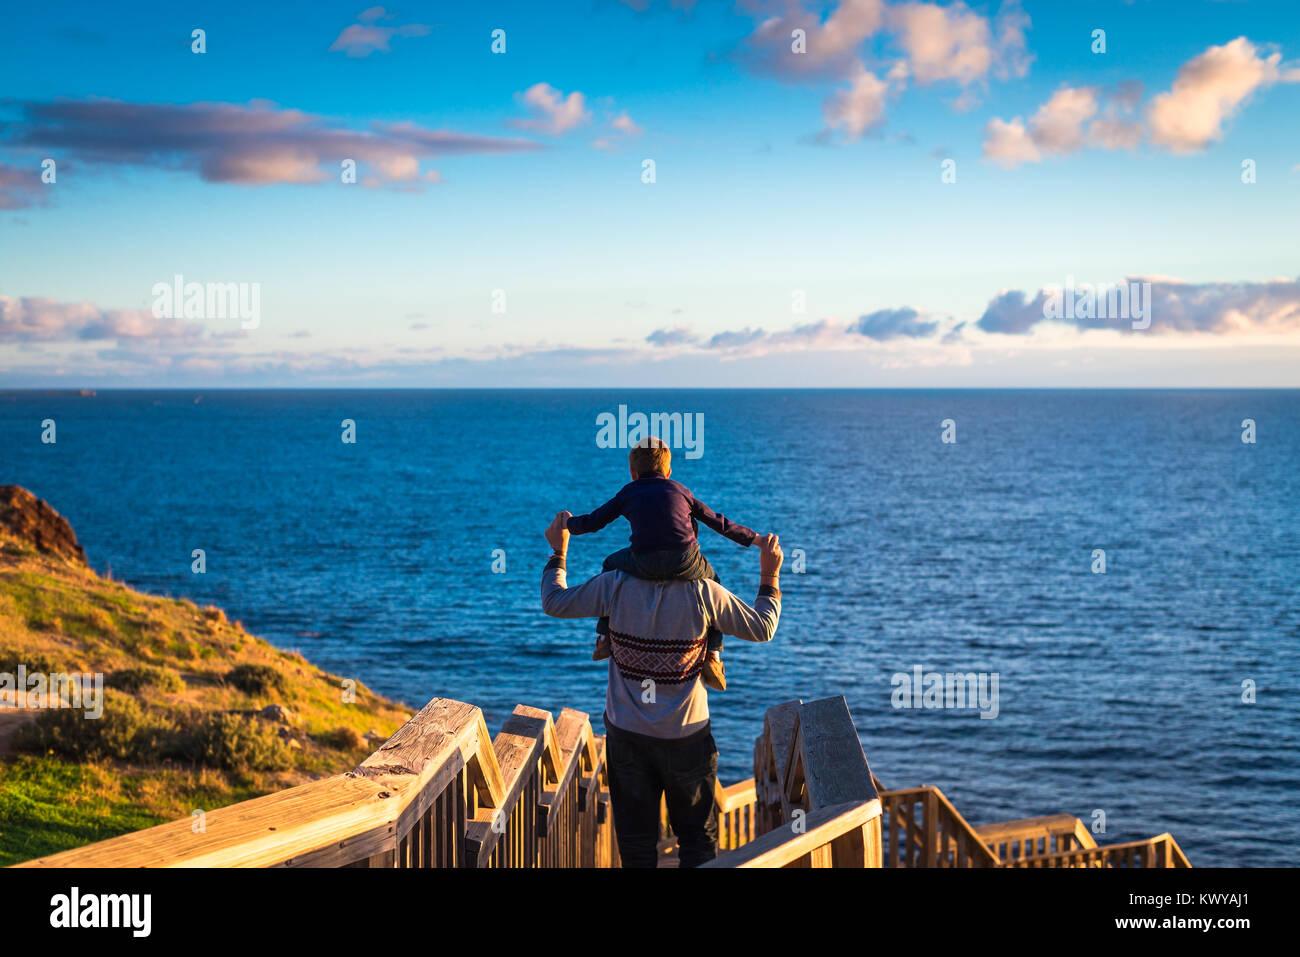 Padre dando il suo figlio piggyback ride a Hallett Cove boardwalk mentre godendo del tramonto, Sud Australia Immagini Stock